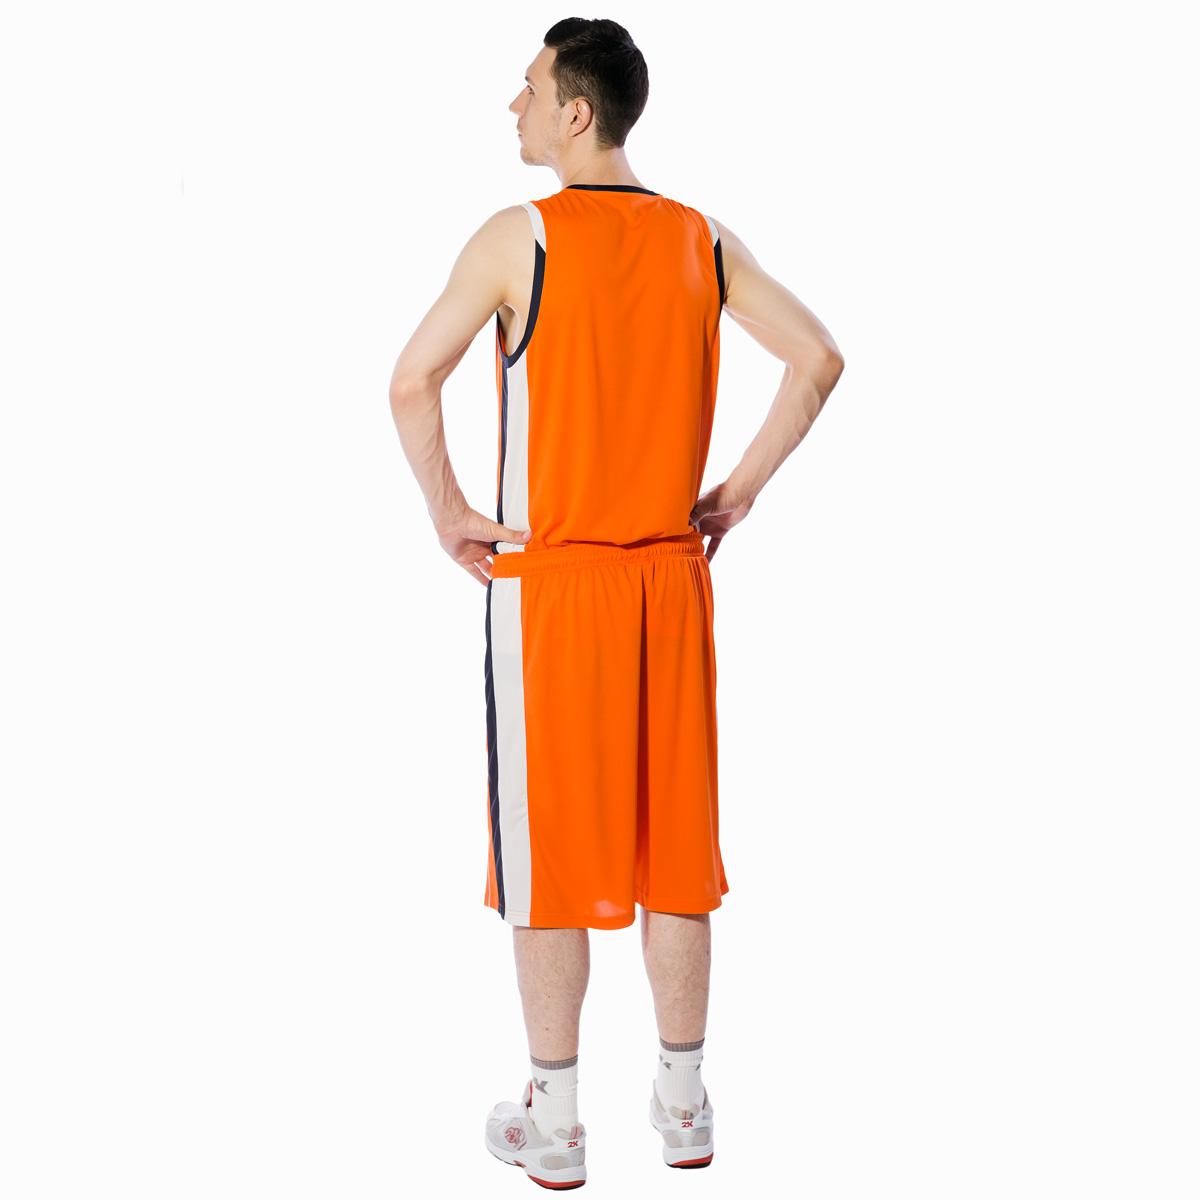 Профессиональная баскетбольная игровая майка от 2K Sport создана для того, чтобы вам ничего не мешало демонстрировать великолепную игру на паркете против самых грозных соперников. Особая сетчатая структура ткани позволяет сделать майку практически невесомой, сохраняя при этом прочность и эластичность. Стильный двухцветный кант по вороту и рукаву. Боковые контрастные вставки.